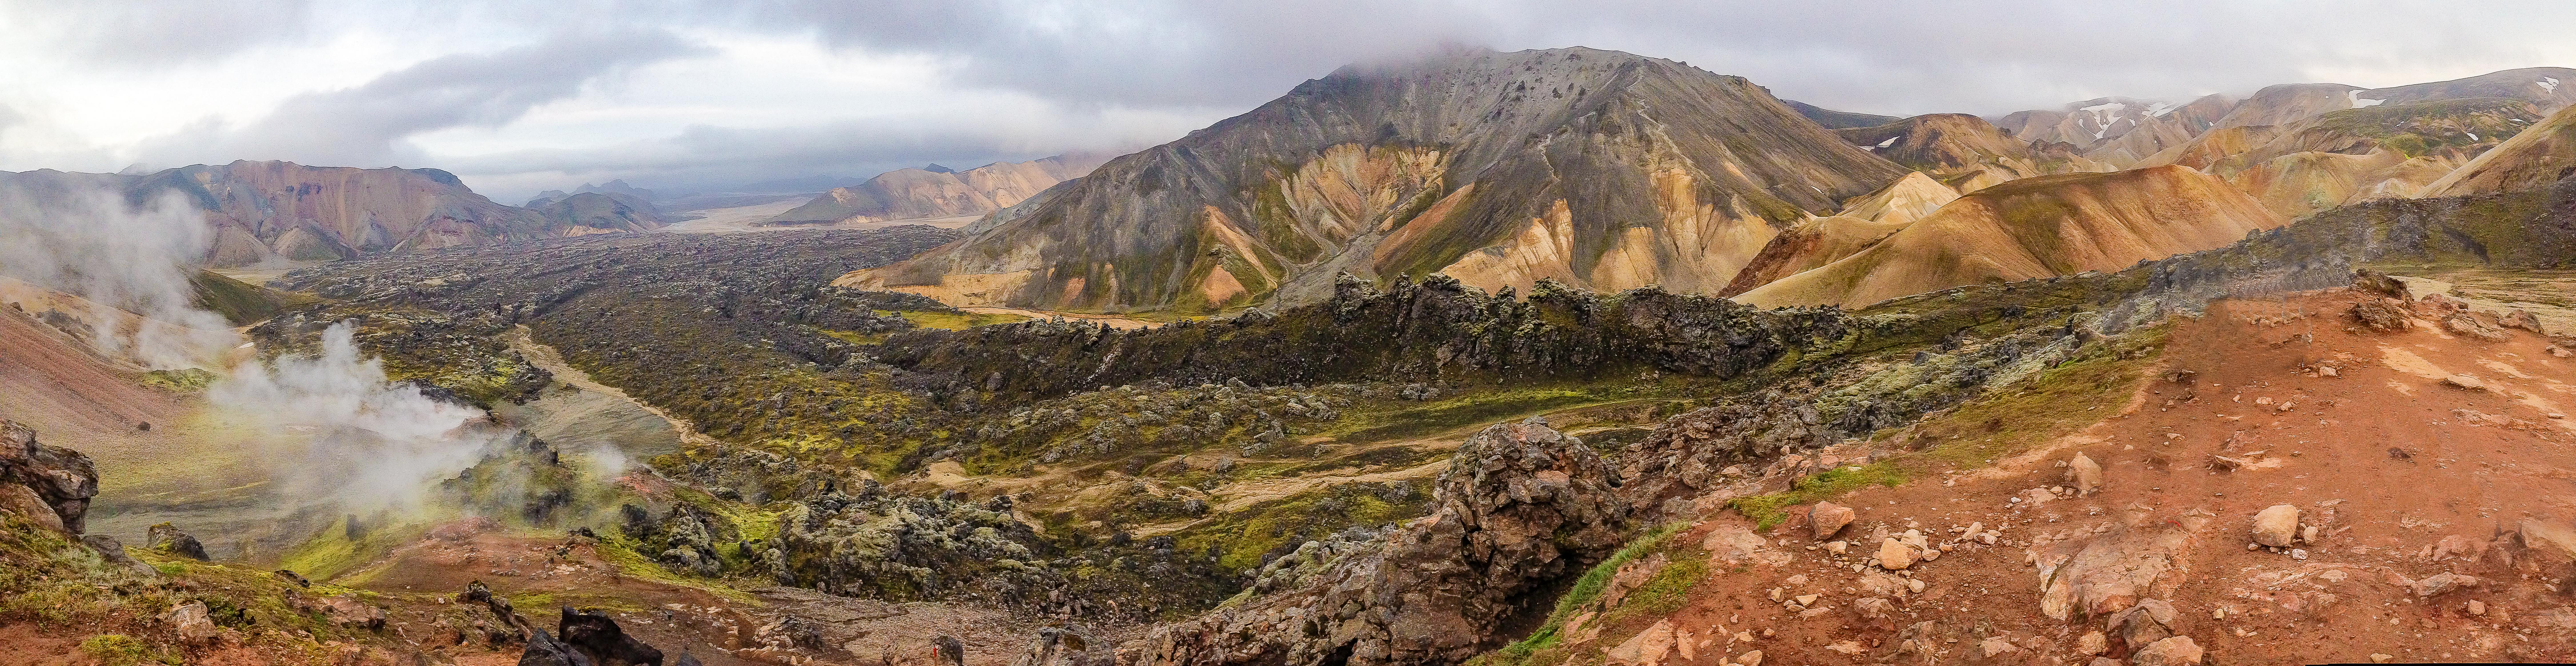 Vue panoramique prise du Brennisteinsalda et dirigée vers le Blahnukur